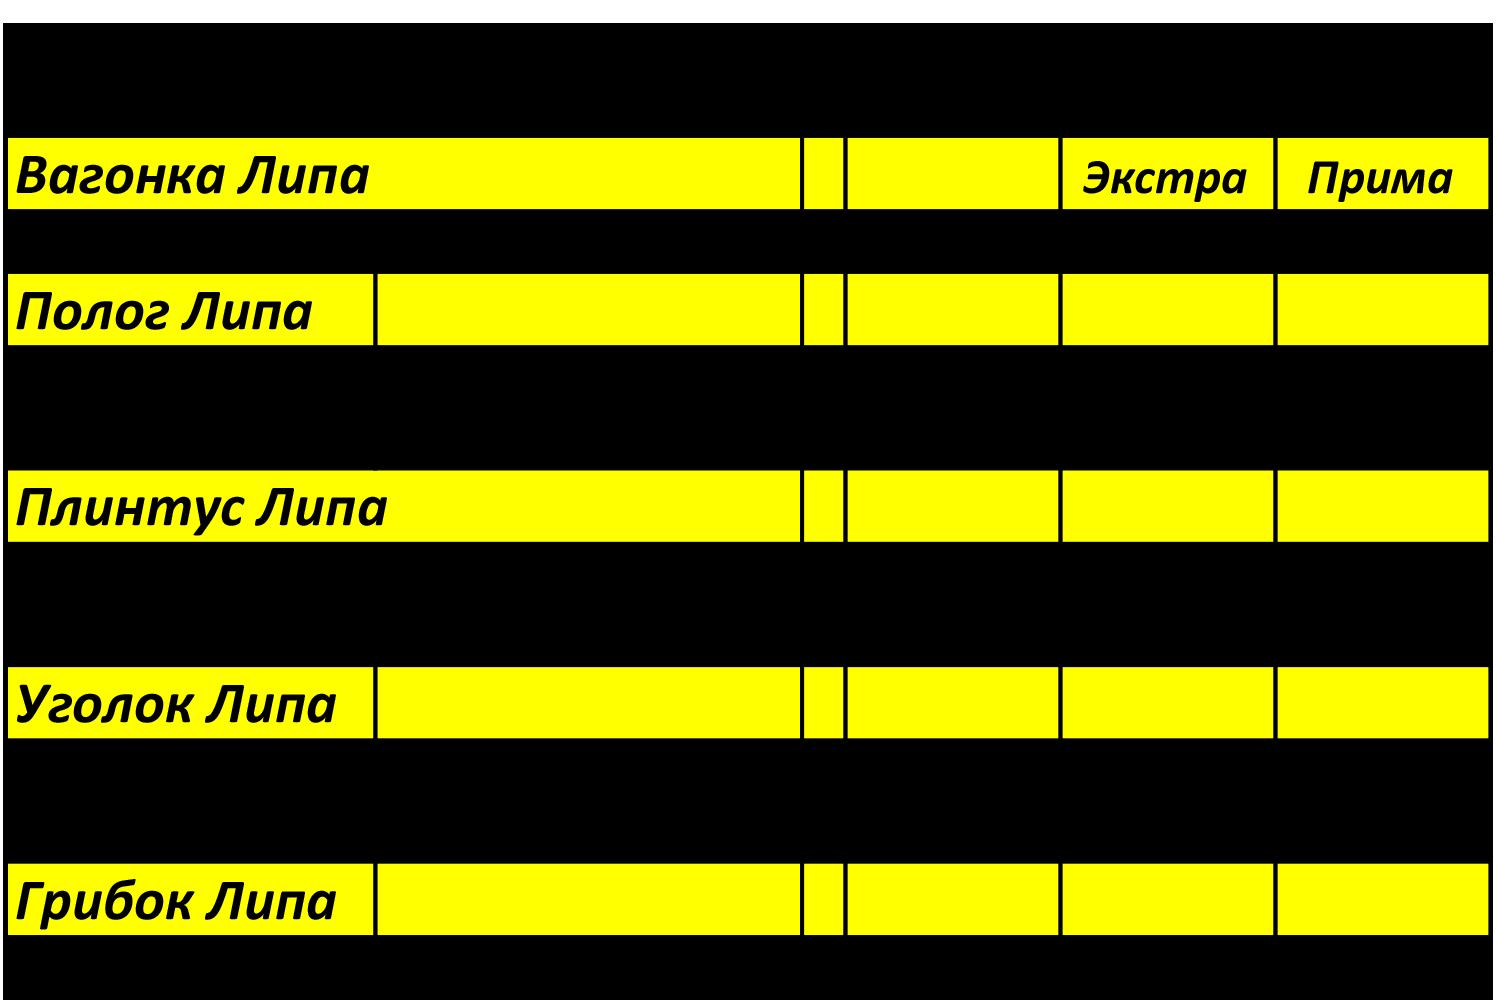 прайс-лист пиломатериалы из липы